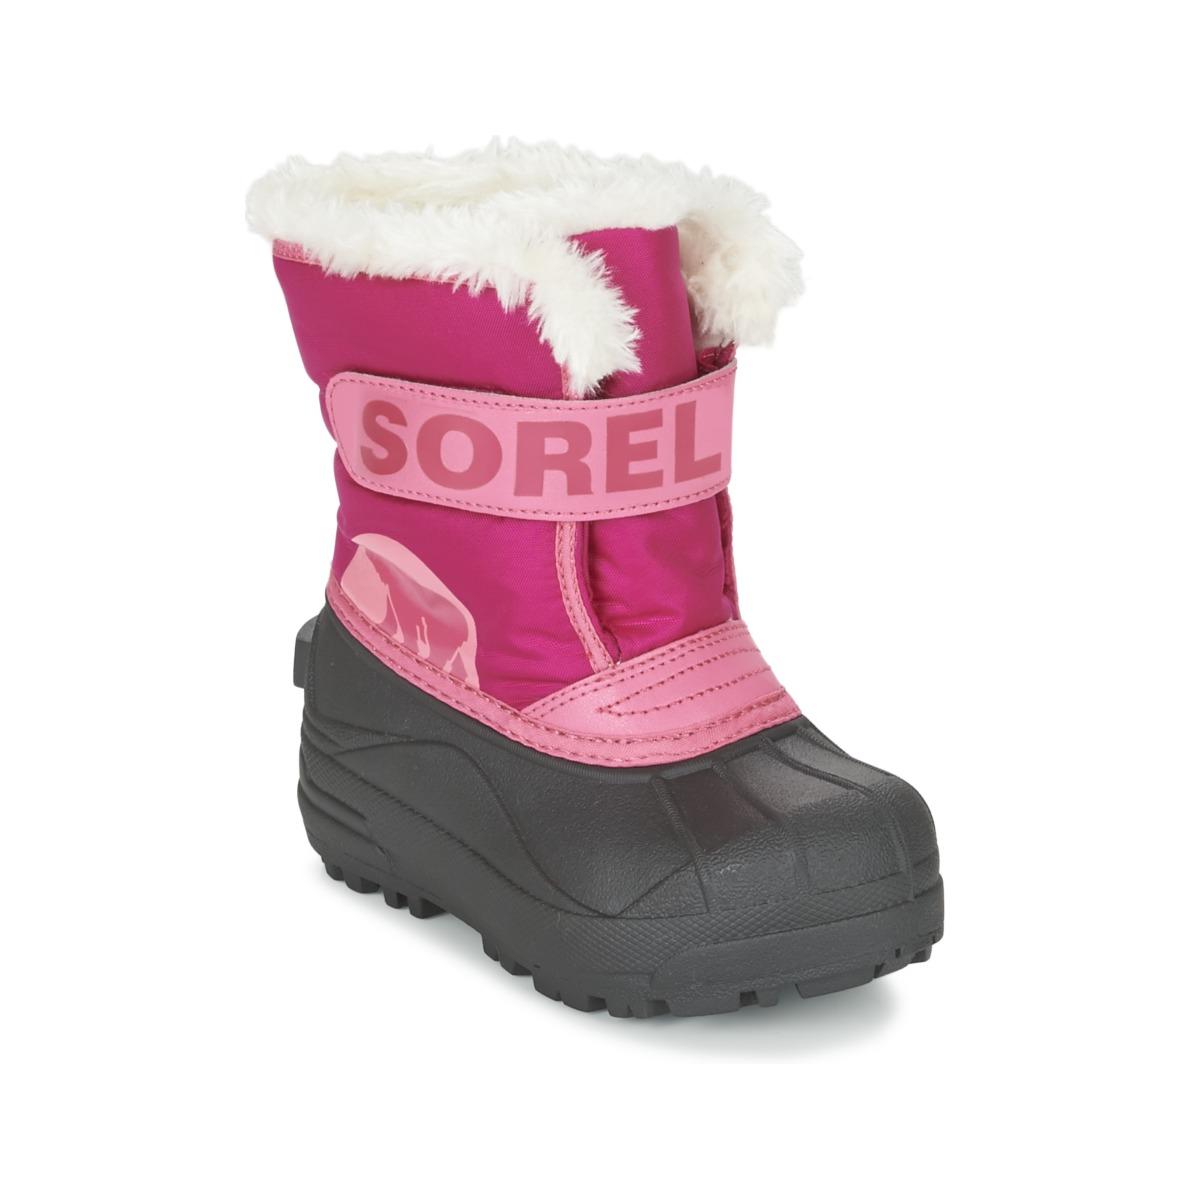 Vinterstøvler til børn Sorel CHILDRENS SNOW COMMANDER